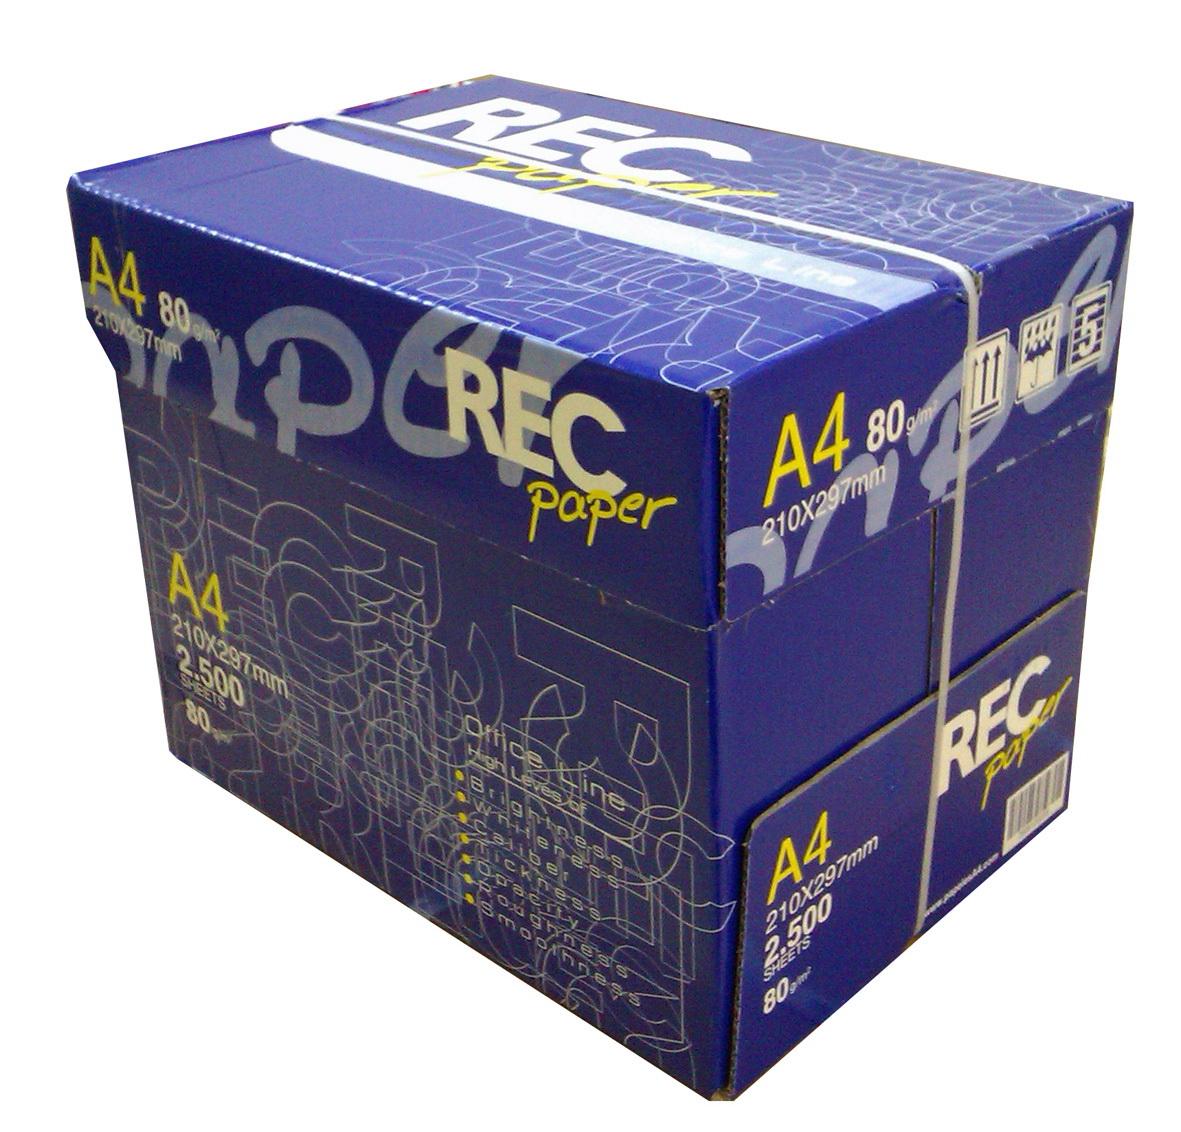 papel a4 rec paper papel a4 80 gramos barato